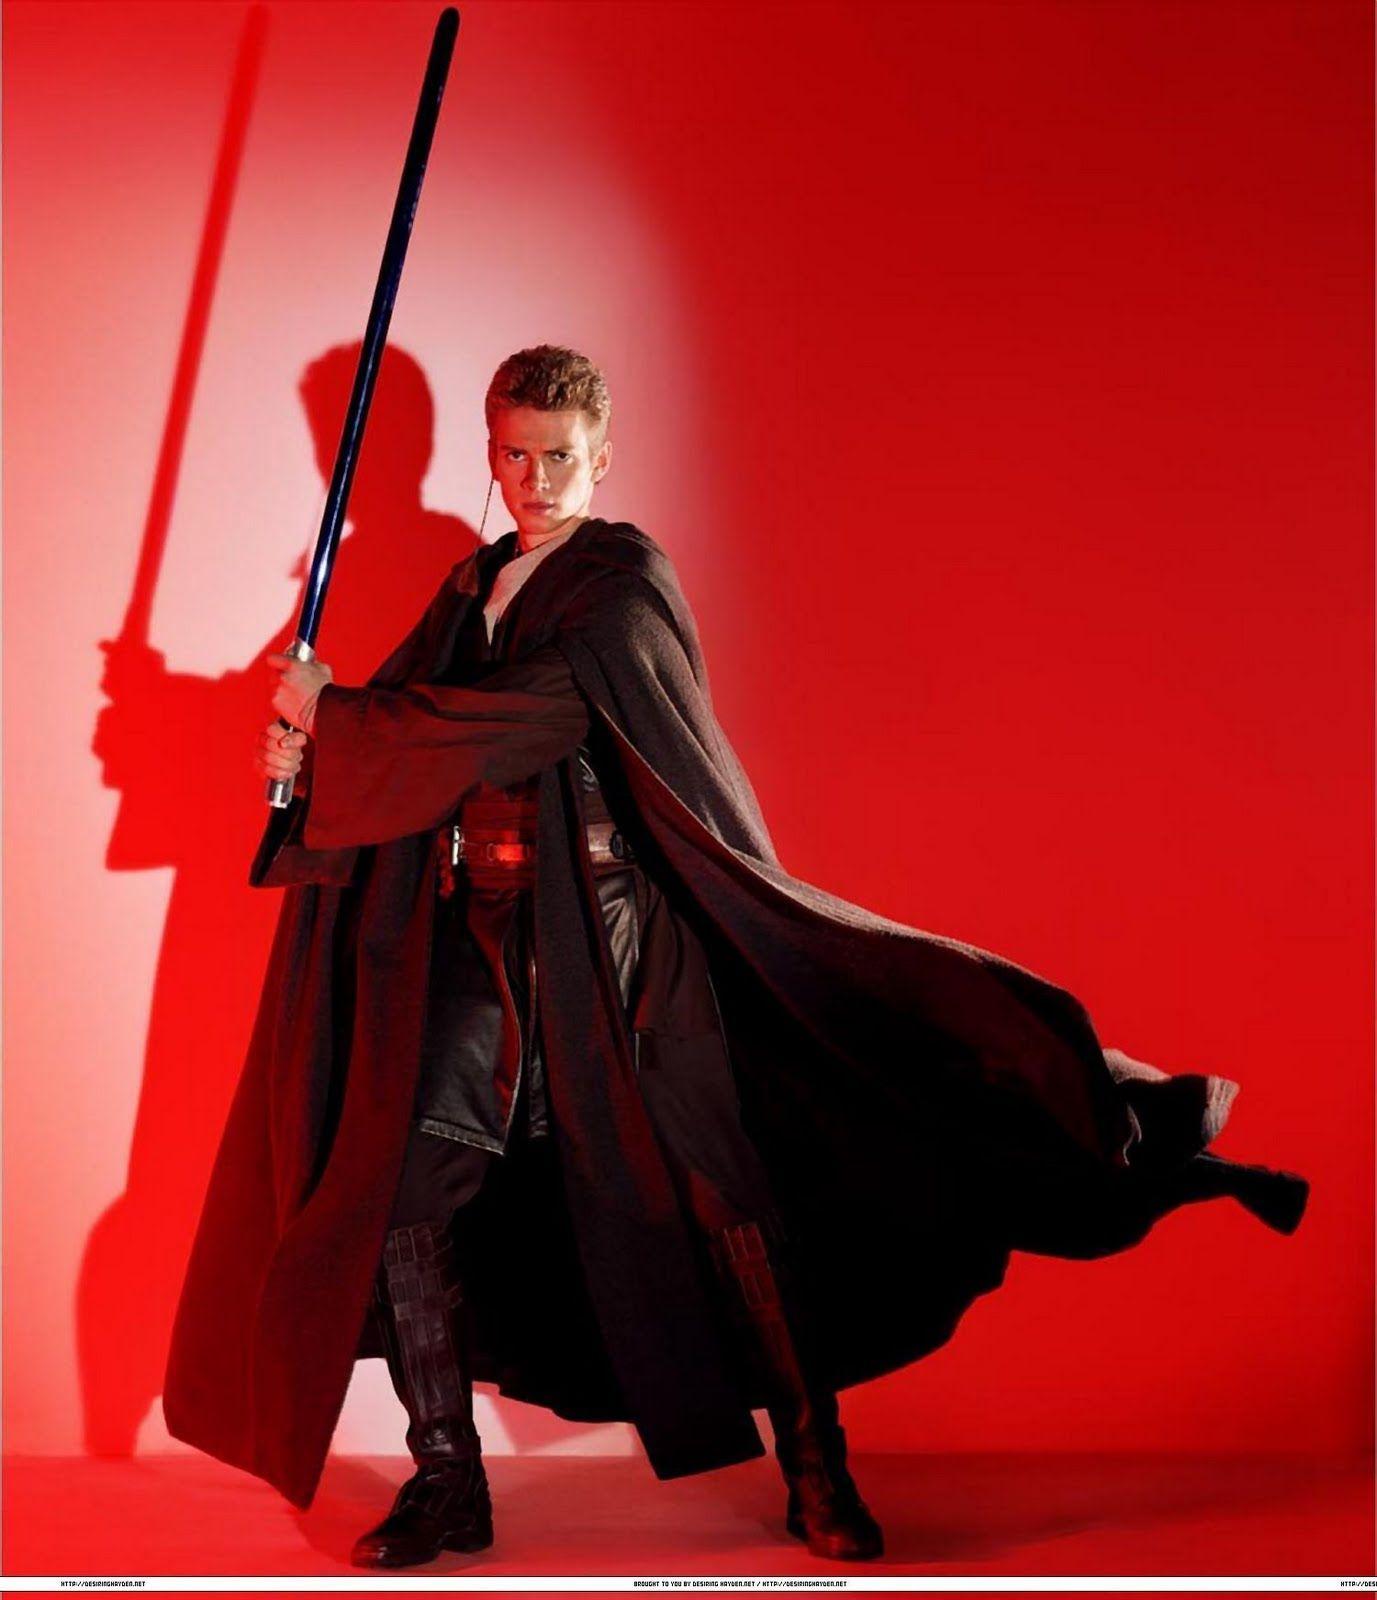 anakin skywalker wallpaper Google'da Ara Anakin